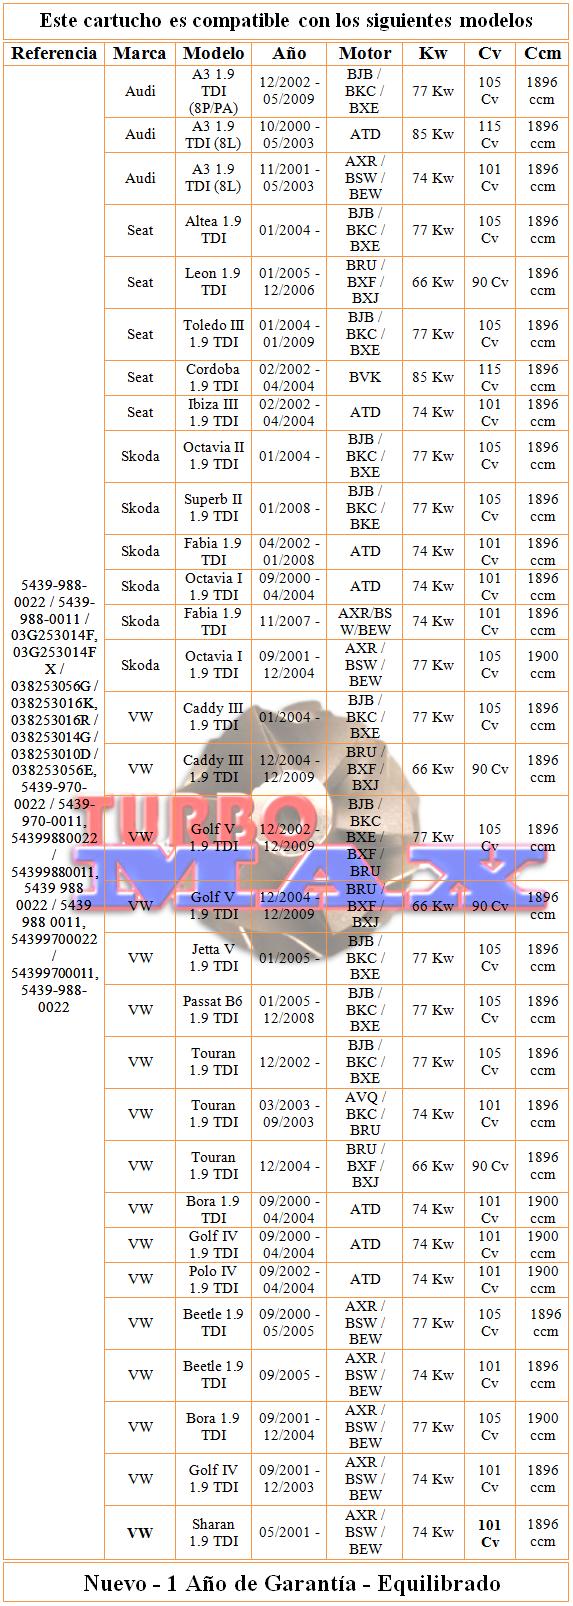 http://turbo-max.es/turbo-max/chra/5439-988-0022/5439-988-0022%20tabla.png